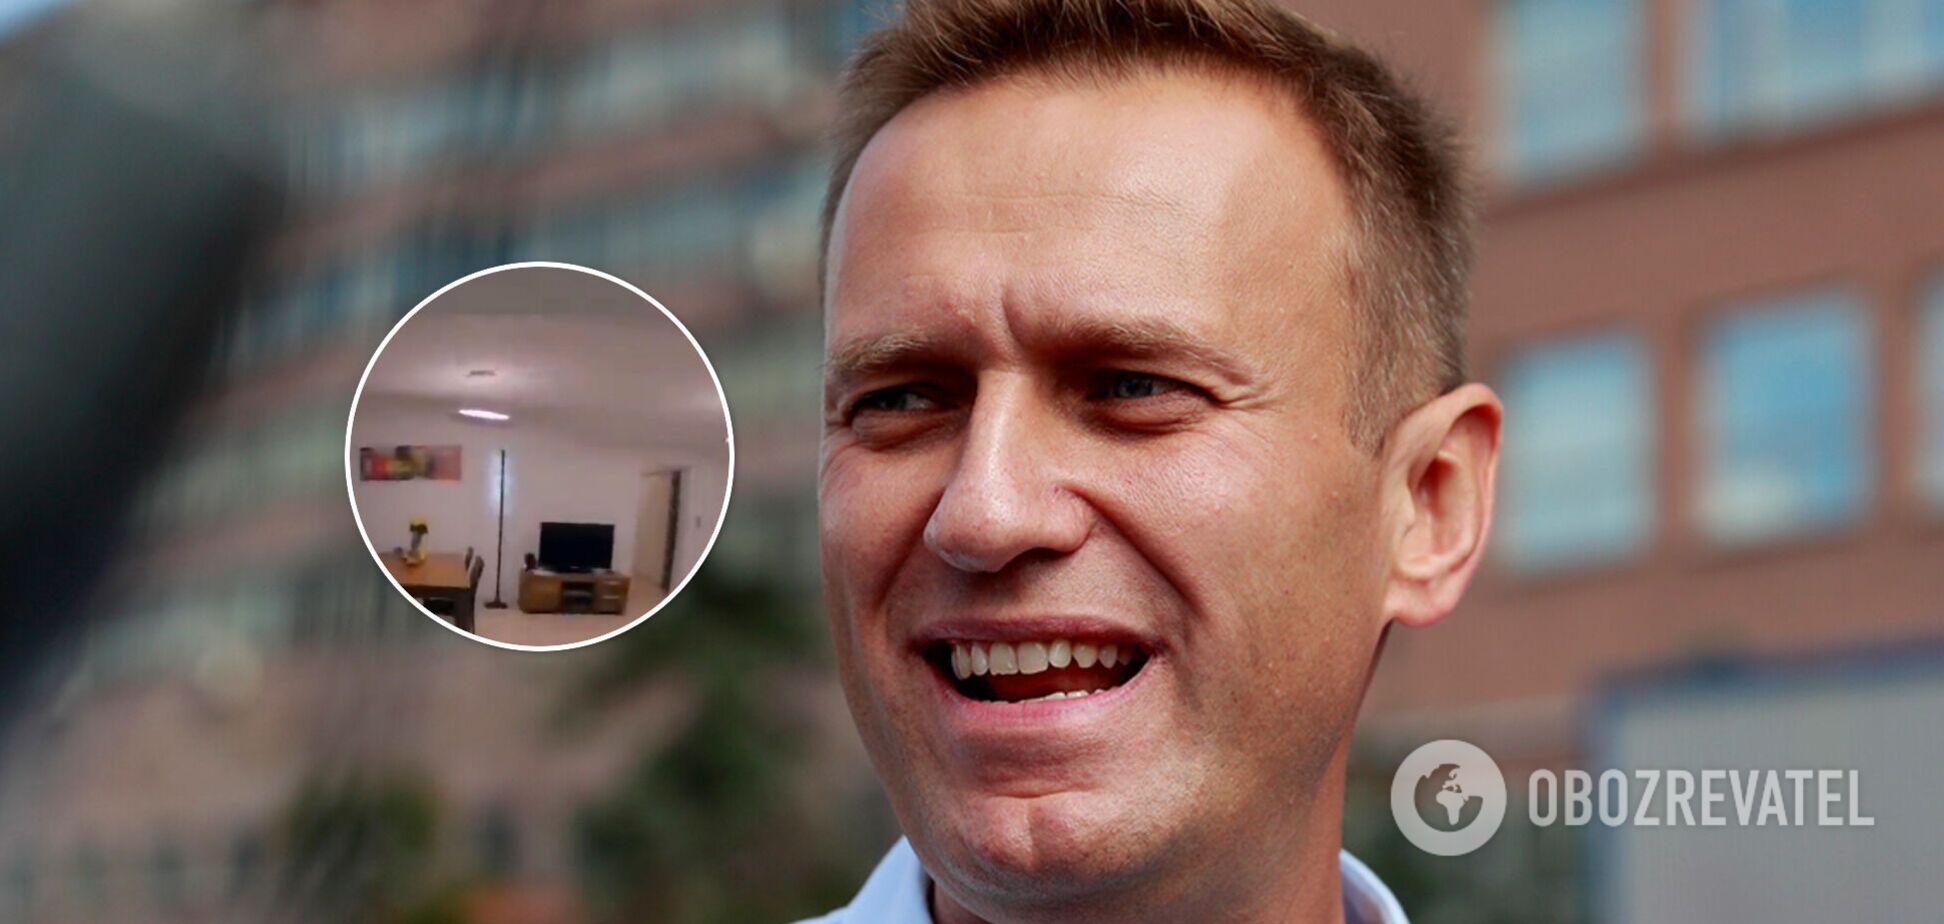 Собственник виллы, которую в Германии арендовал Навальный, обвинил пропагандистов РФ во вранье